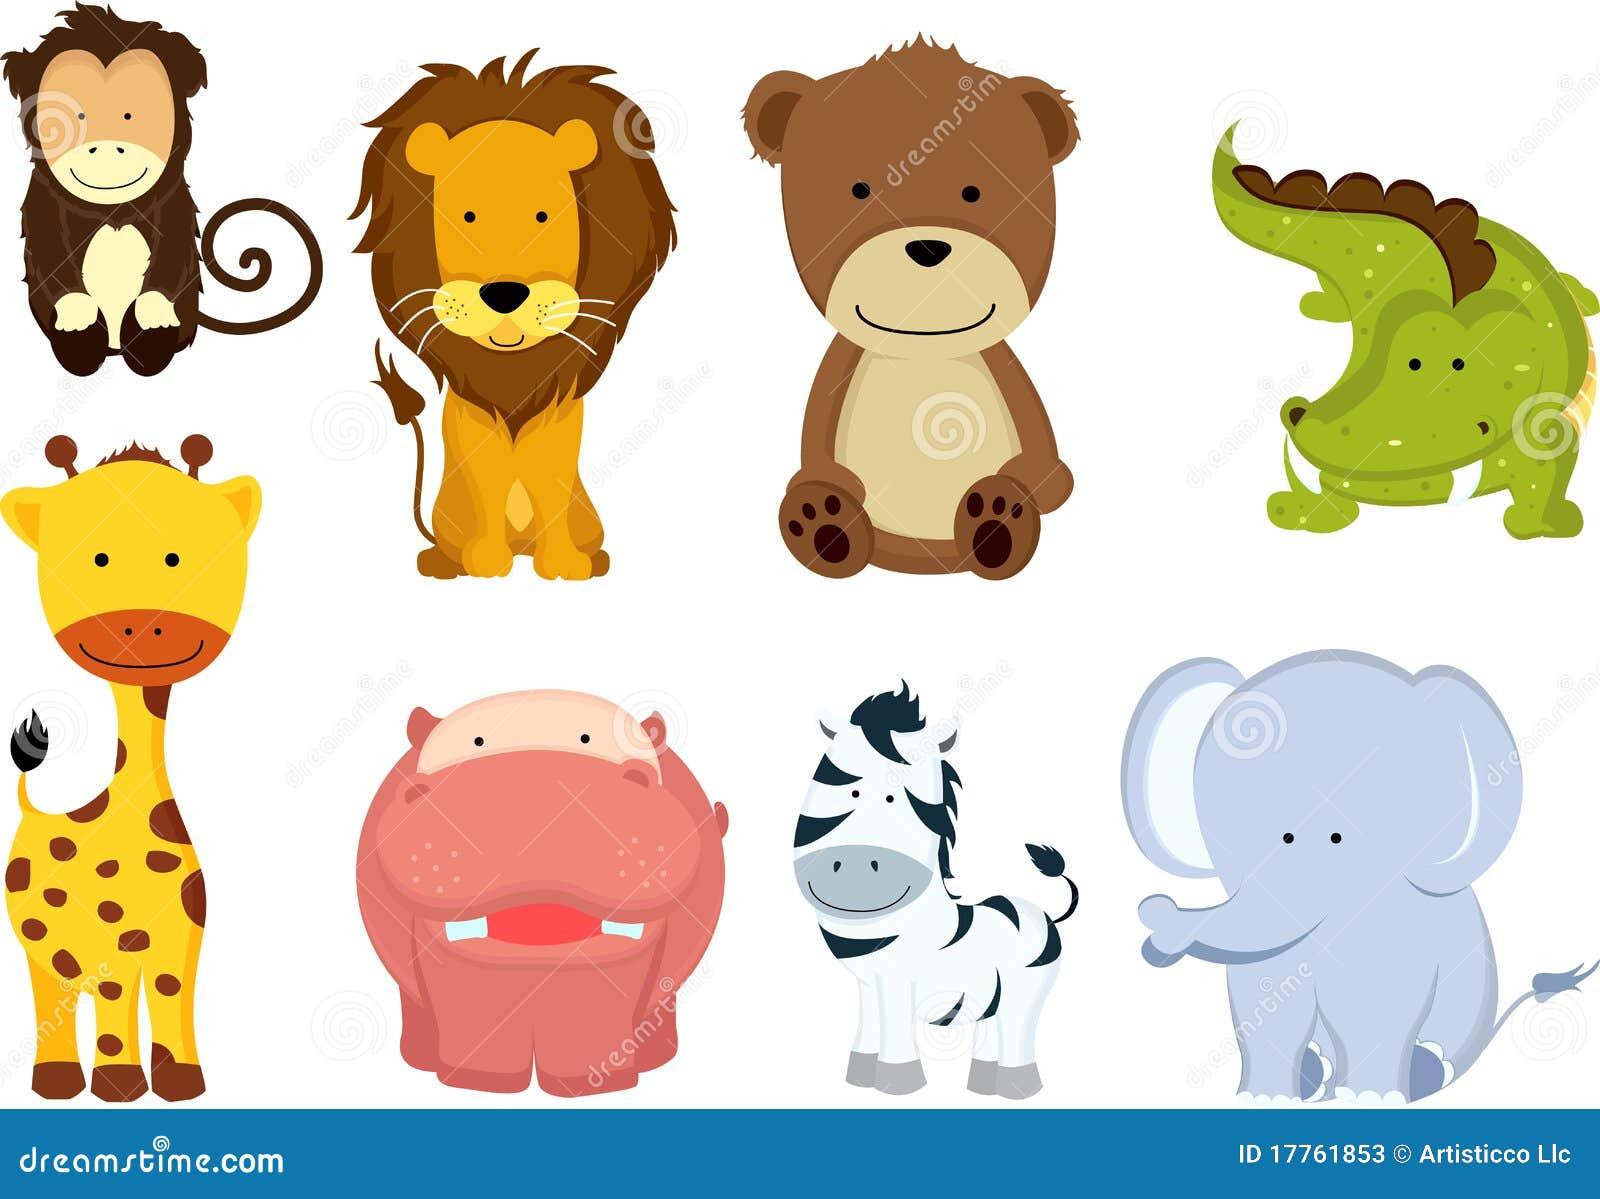 Dessins anim s d 39 animal sauvage illustration de vecteur - Dessins d animaux sauvages ...